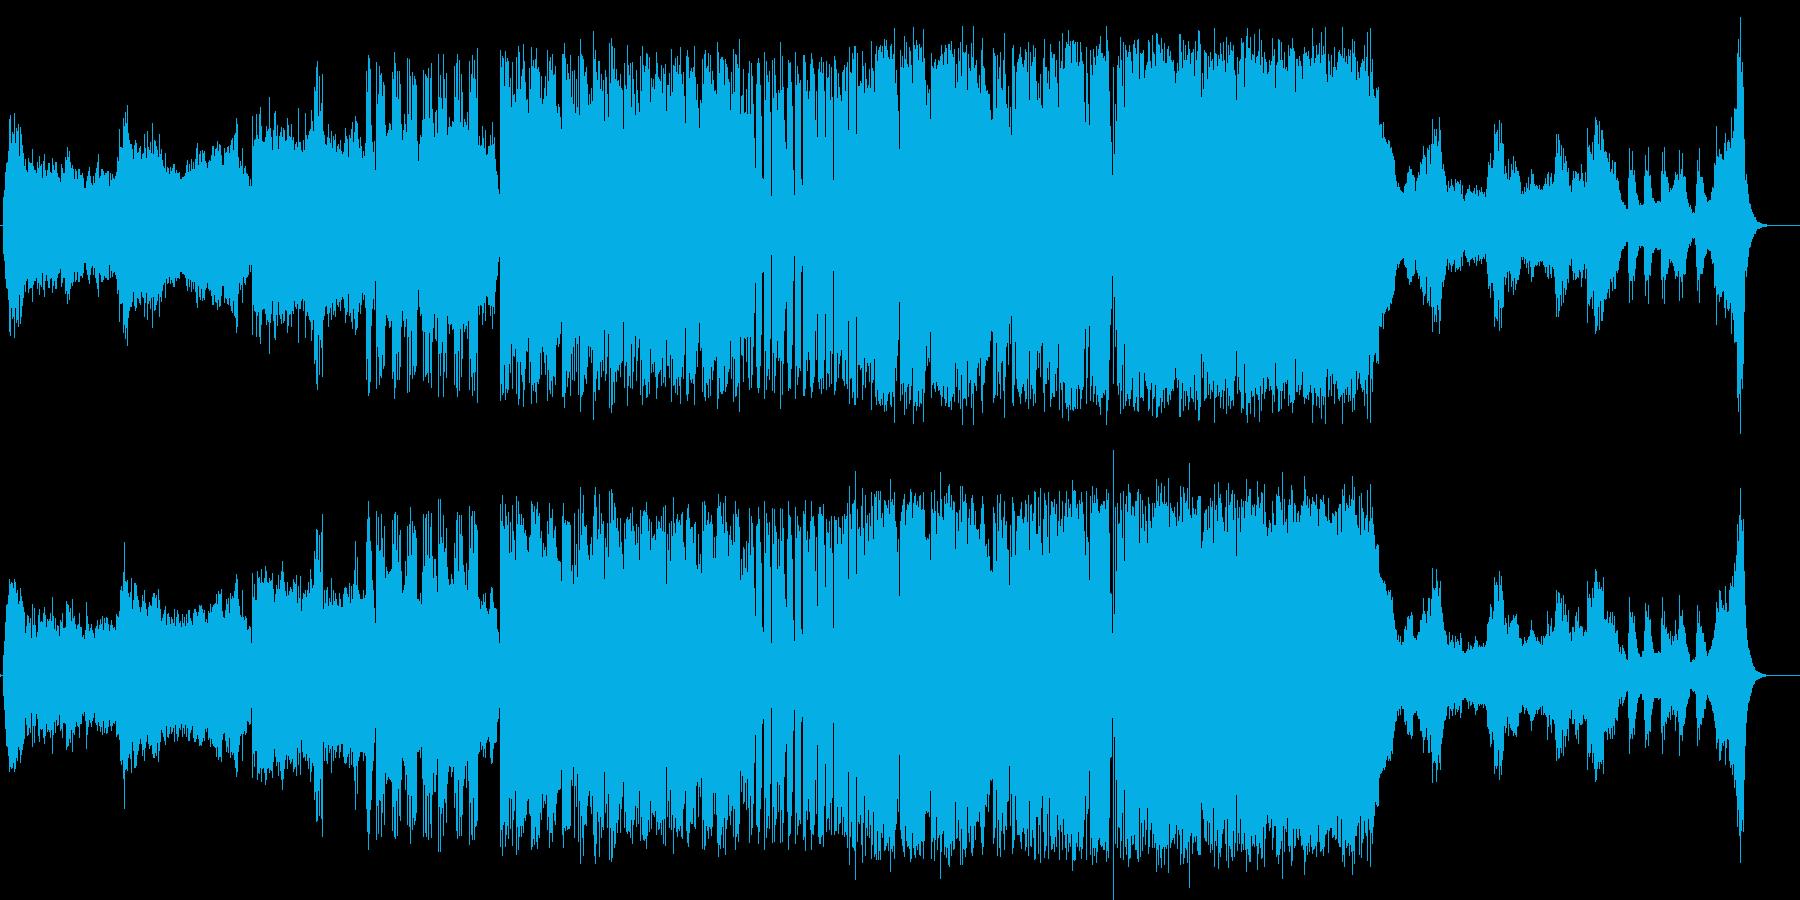 宇宙人や未知への遭遇っぽいテーマ曲の再生済みの波形